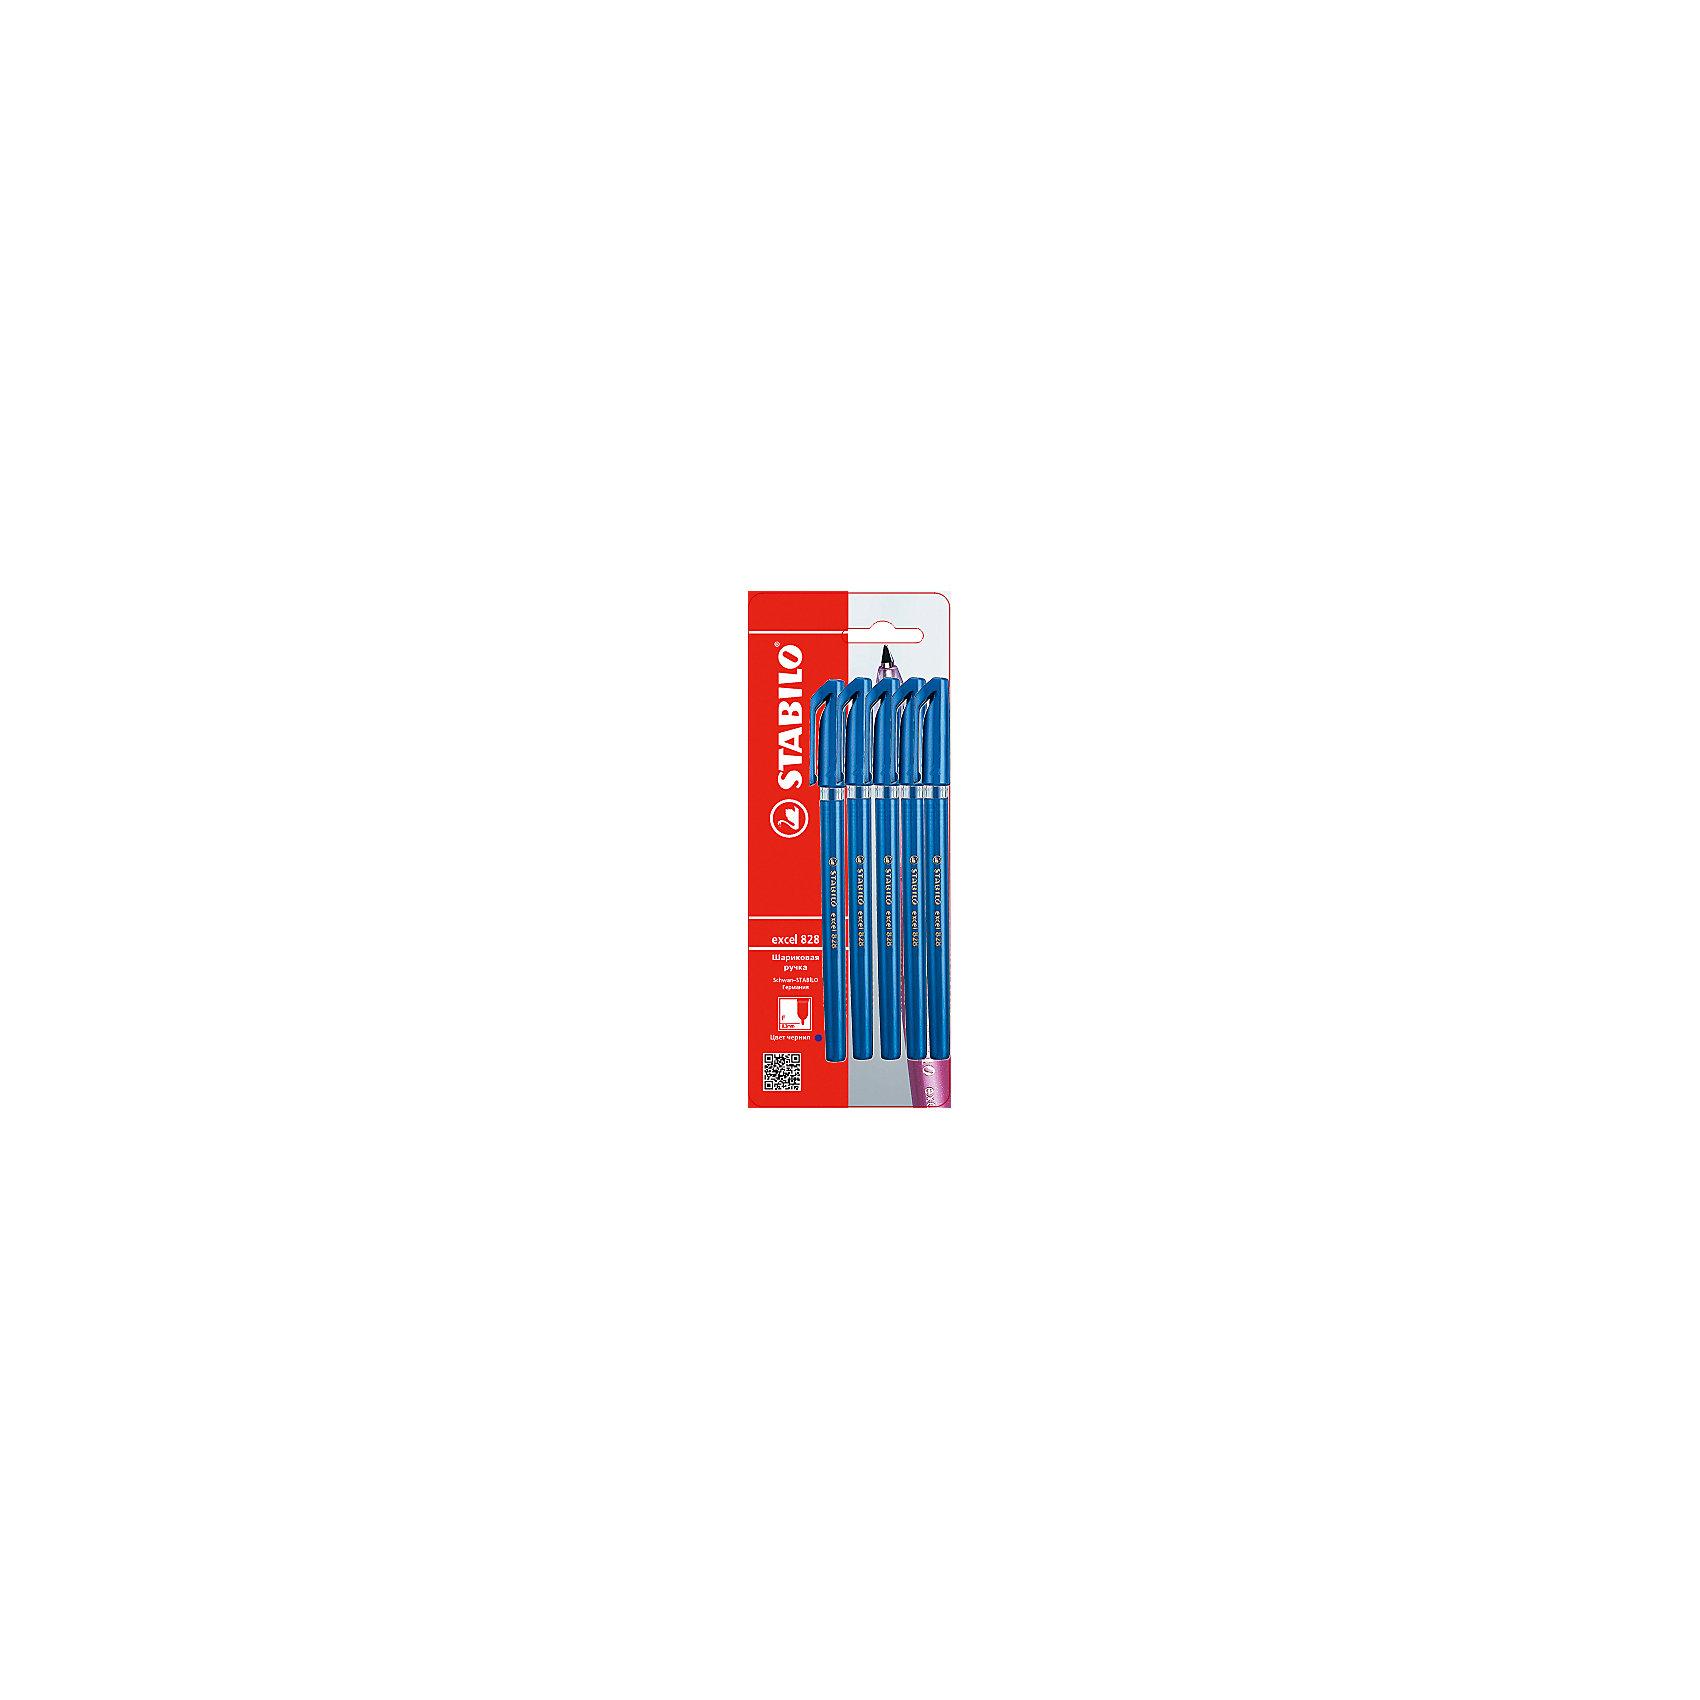 Набор ручек, 5 шт., синиеПисьменные принадлежности<br>Набор ручек, 5 шт., синий от марки Stabilo<br><br>Удобные немецкие ручки от компании Stabilo в прозрачном корпусе. Пишущий инструмент отличного качества! Шариковая ручка имеет заменяемый стержень и надежный клип.<br>Отлично ложится в руке, пишет мягко. Дает аккуратную тонкую линию. Чернил хватает на долгое время! Чернила быстро сохнут. В наборе - пять одинаковых ручек в голубом корпусе.<br><br>Особенности данной модели:<br><br>ширина оставляемого следа: 0,3 мм;<br>цвет чернил: синий;<br>цвет корпуса: голубой.<br><br>Набор ручек, 5 шт., синий от марки Stabilo можно купить в нашем магазине.<br><br>Ширина мм: 204<br>Глубина мм: 80<br>Высота мм: 10<br>Вес г: 13<br>Возраст от месяцев: 36<br>Возраст до месяцев: 2147483647<br>Пол: Унисекс<br>Возраст: Детский<br>SKU: 4684734